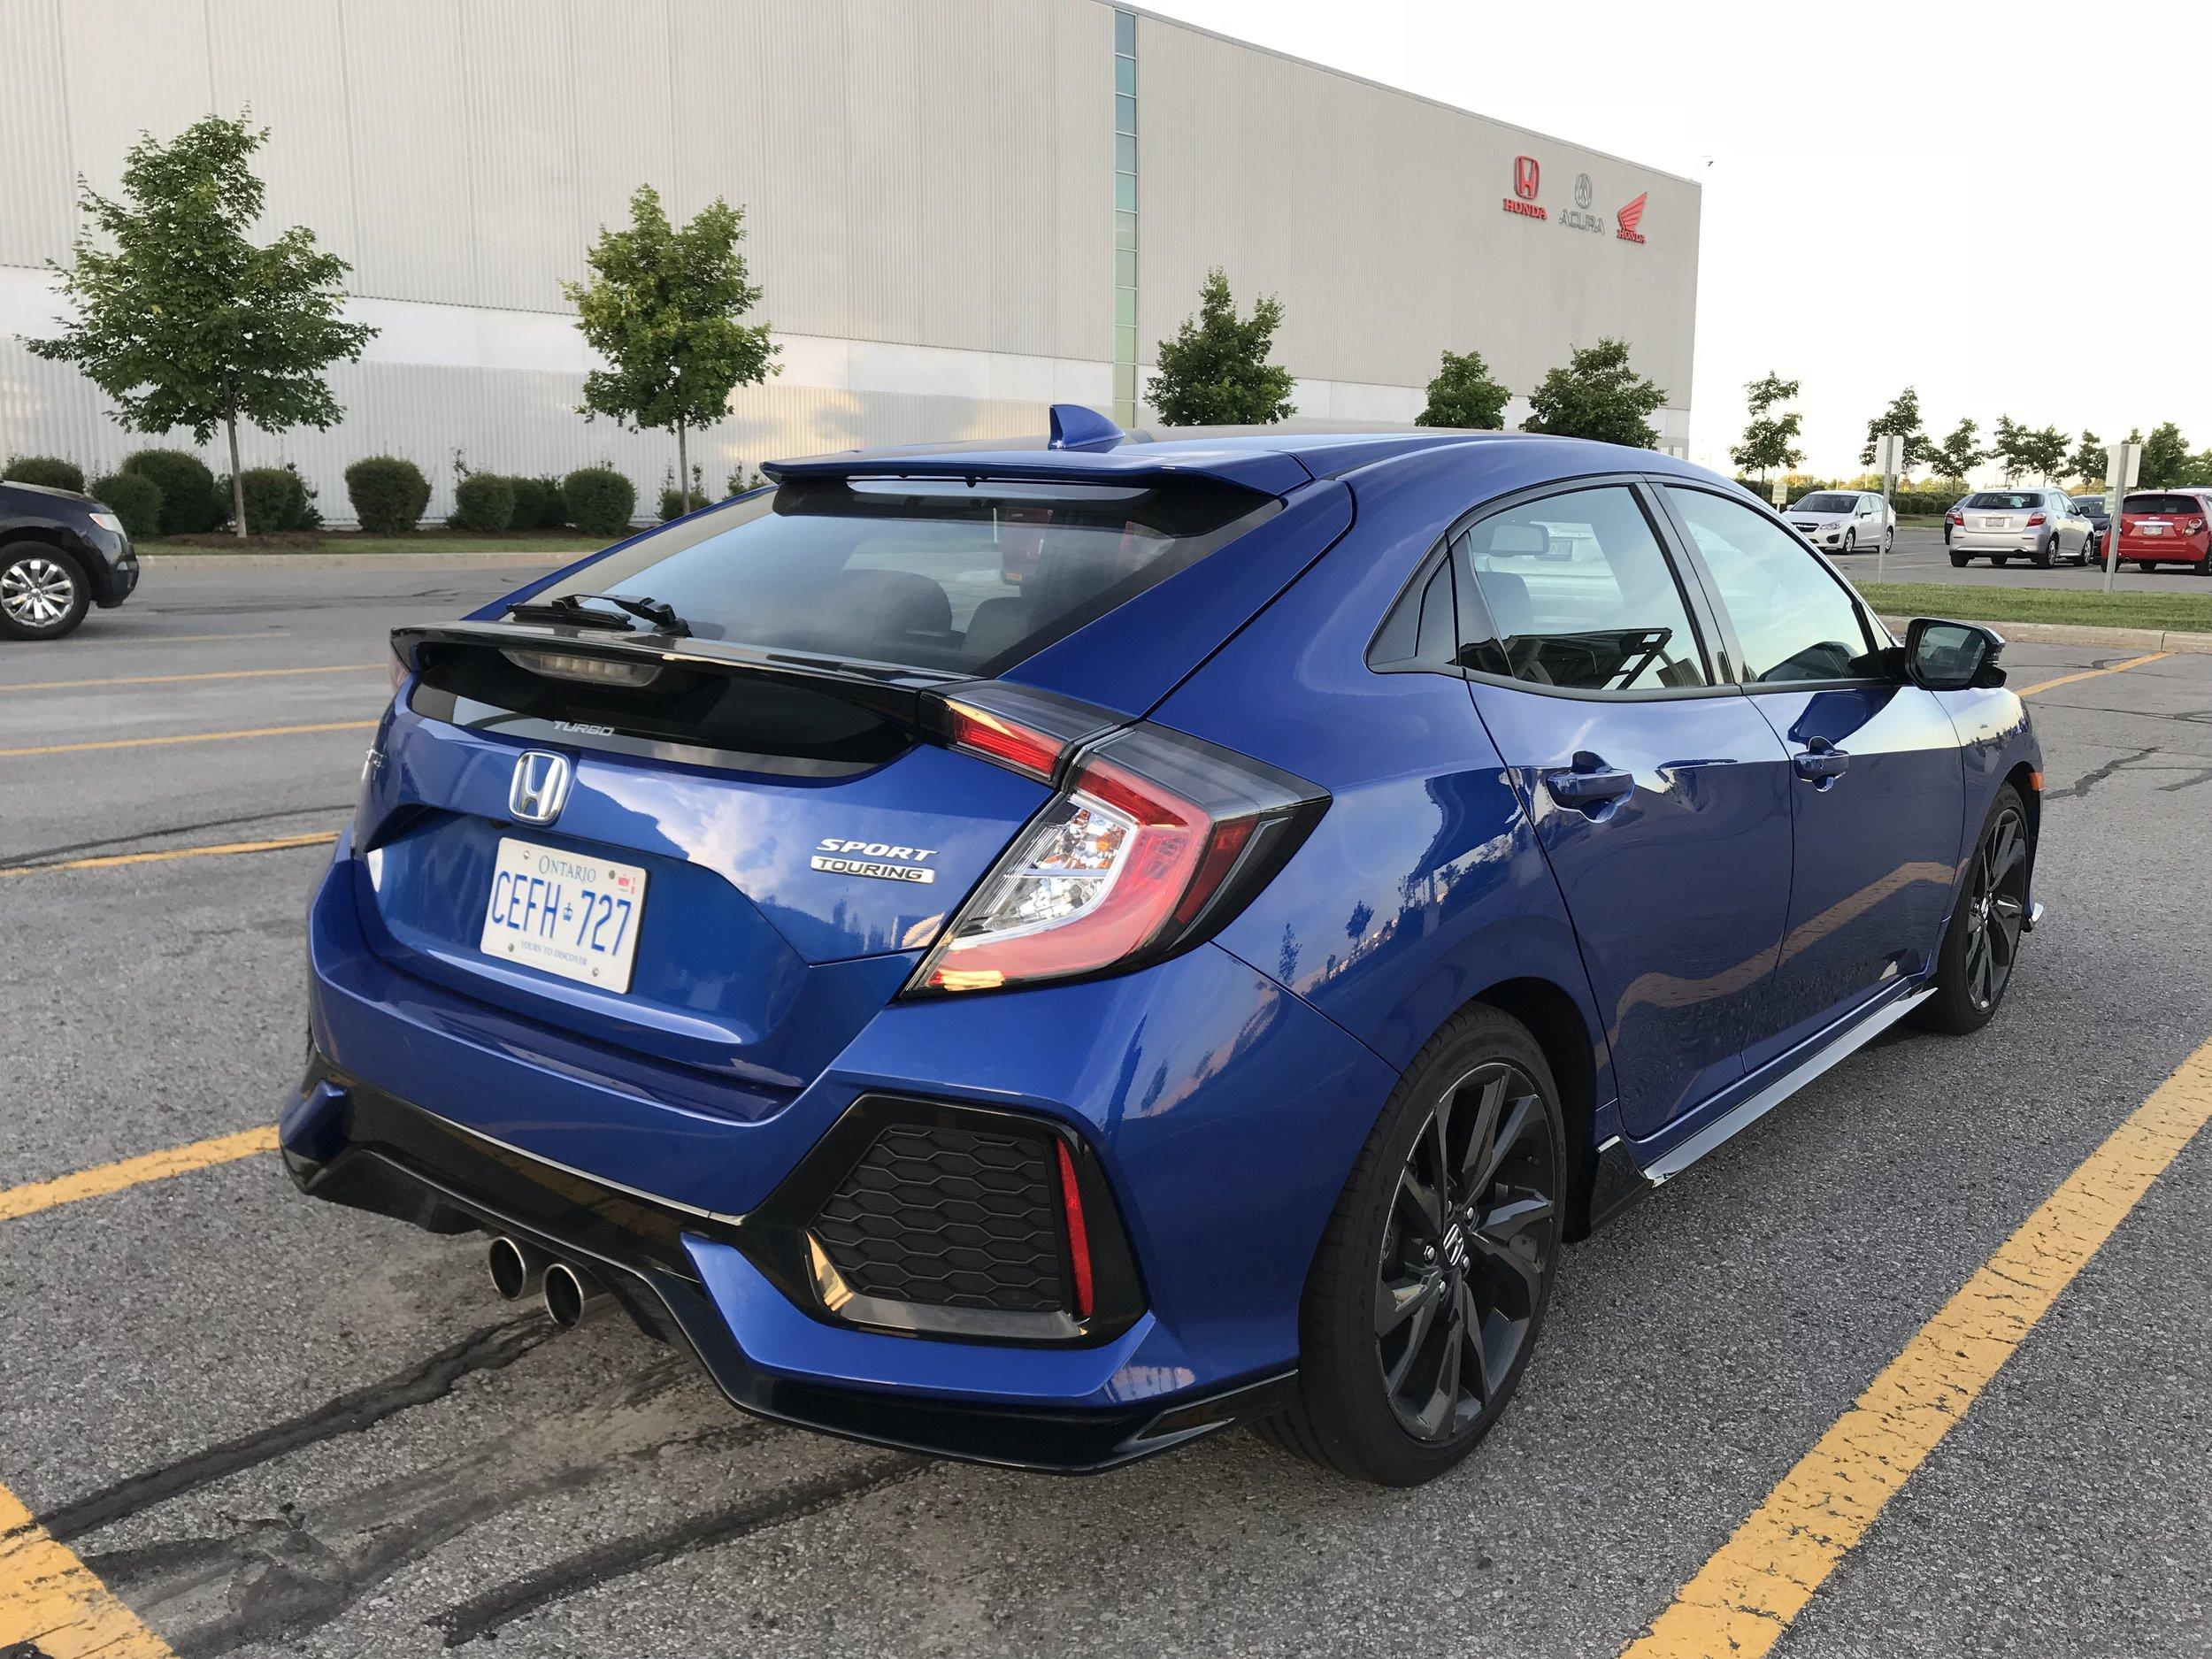 2018 Honda Civic Jennnifer Merrick Modern Mississauga Media 9.JPG